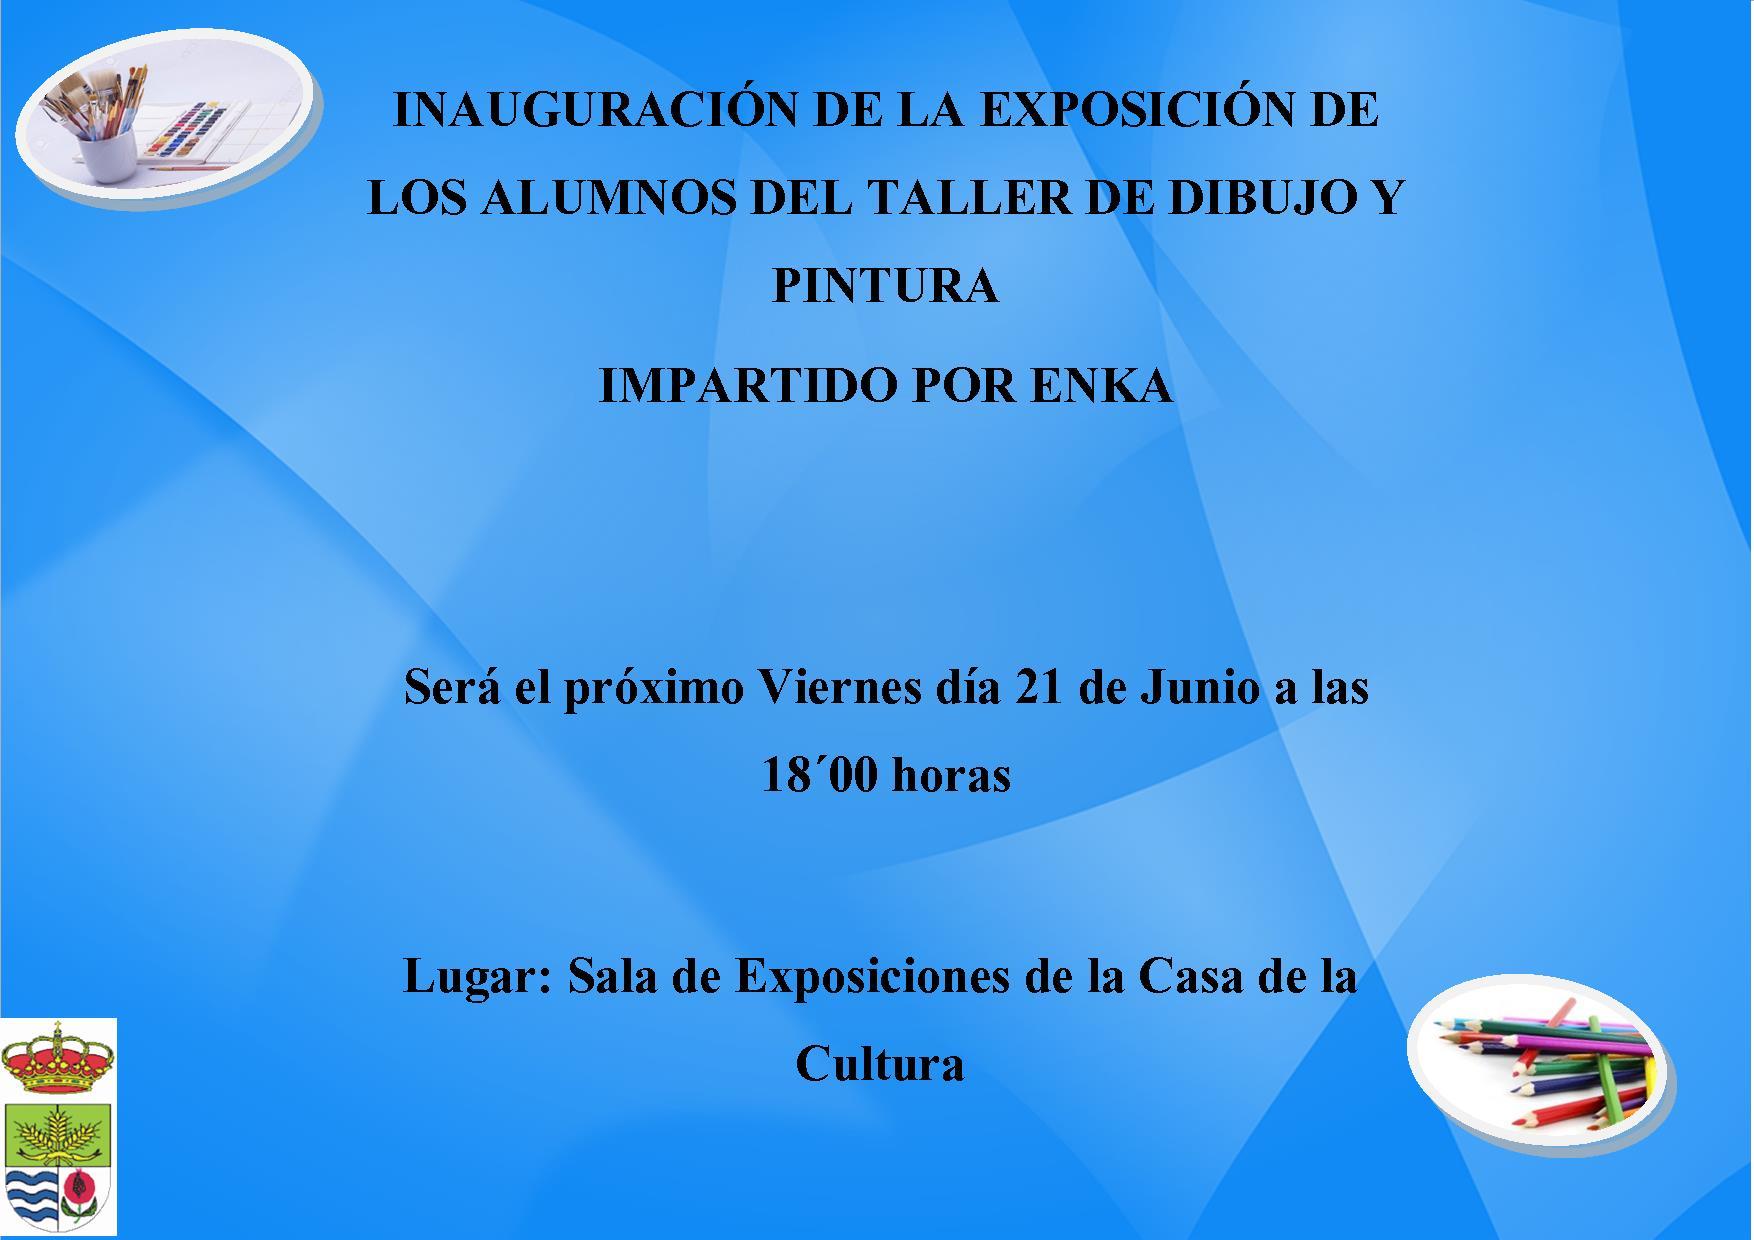 Inauguración de la Exposición de l@s alumn@s del Taller de Dibujo y Pintura